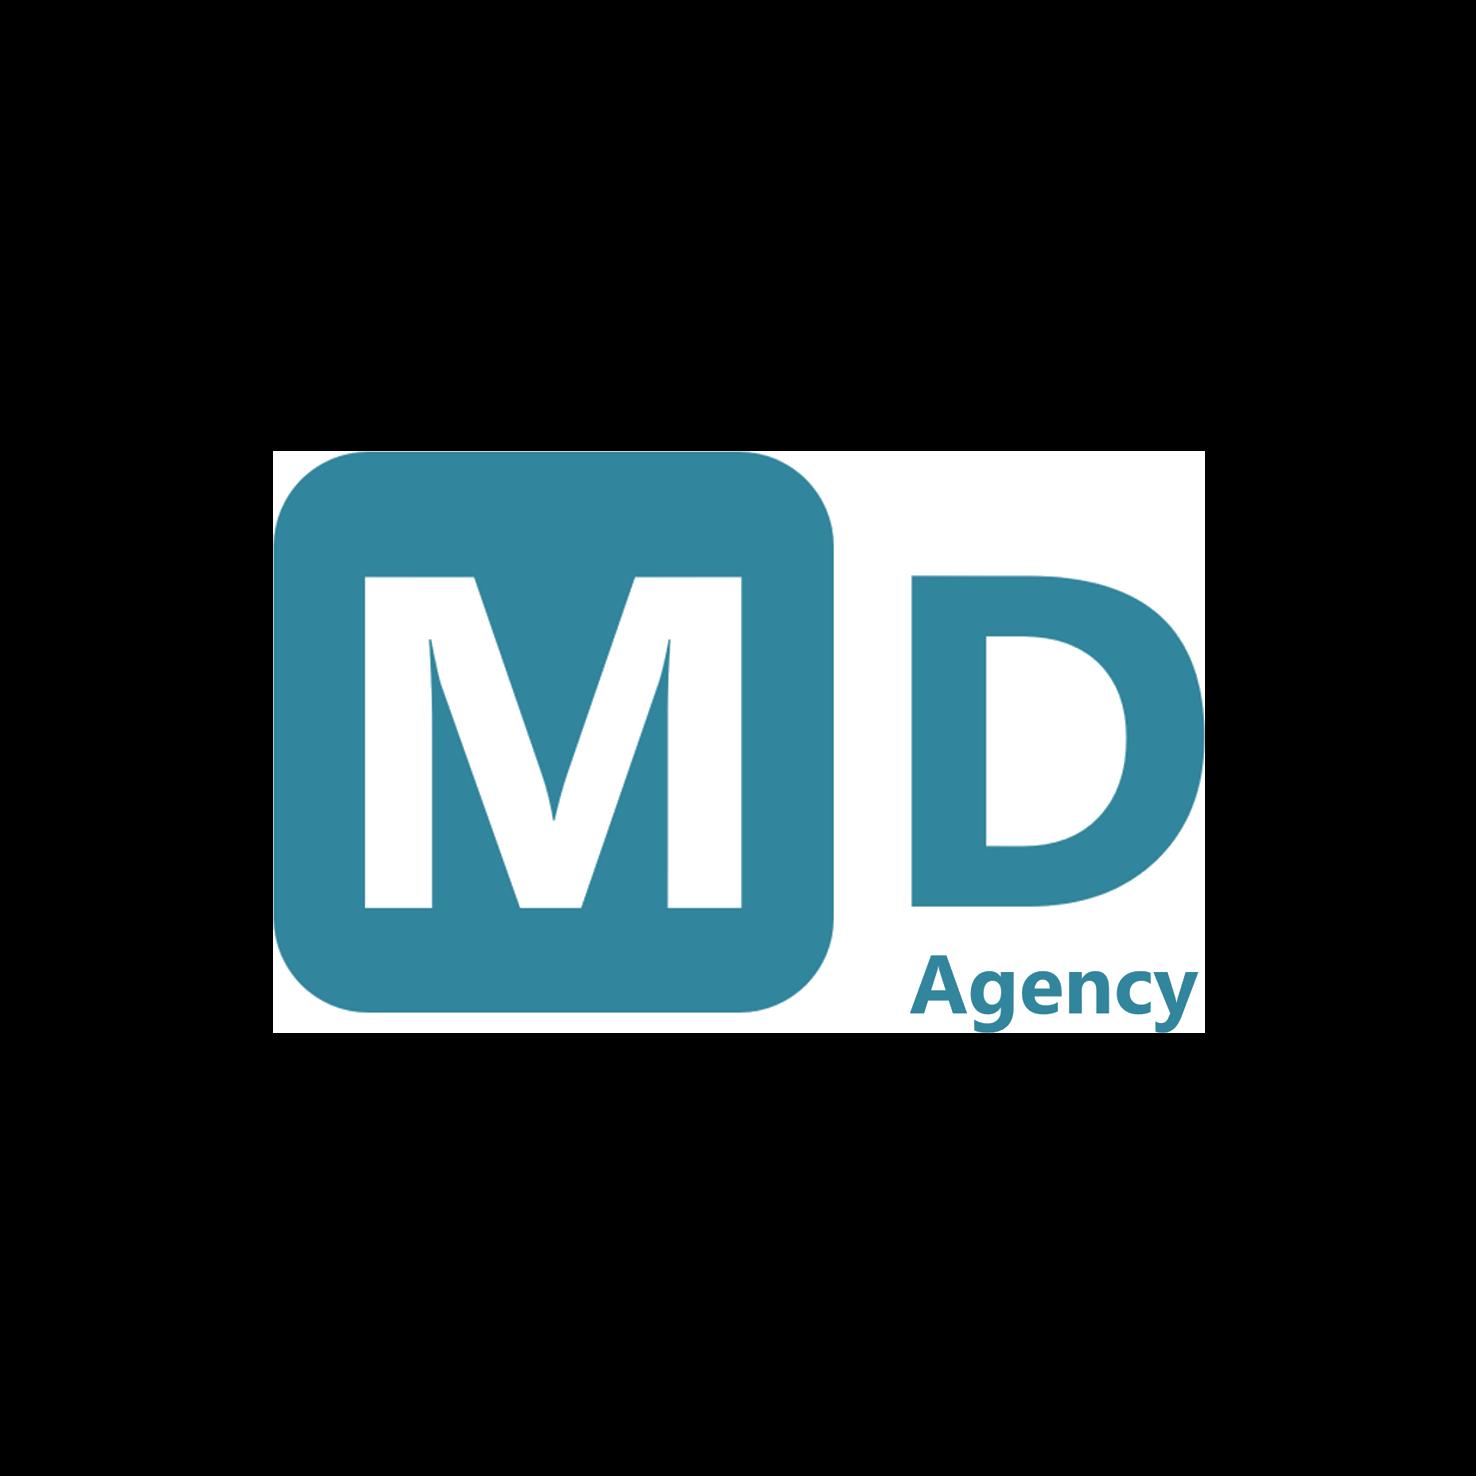 Logo md agency shadow